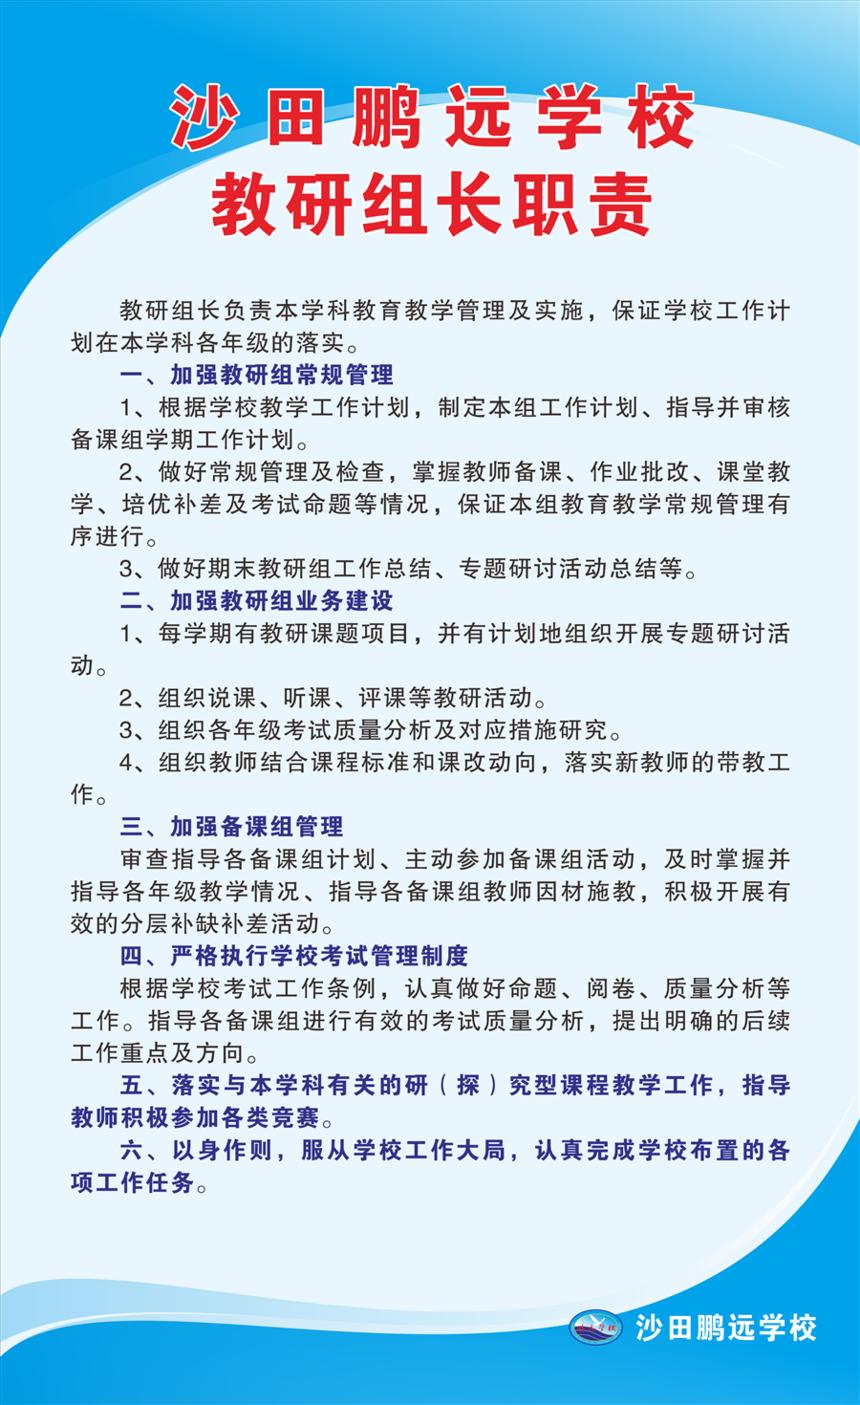 《教研组长职责》.PNG